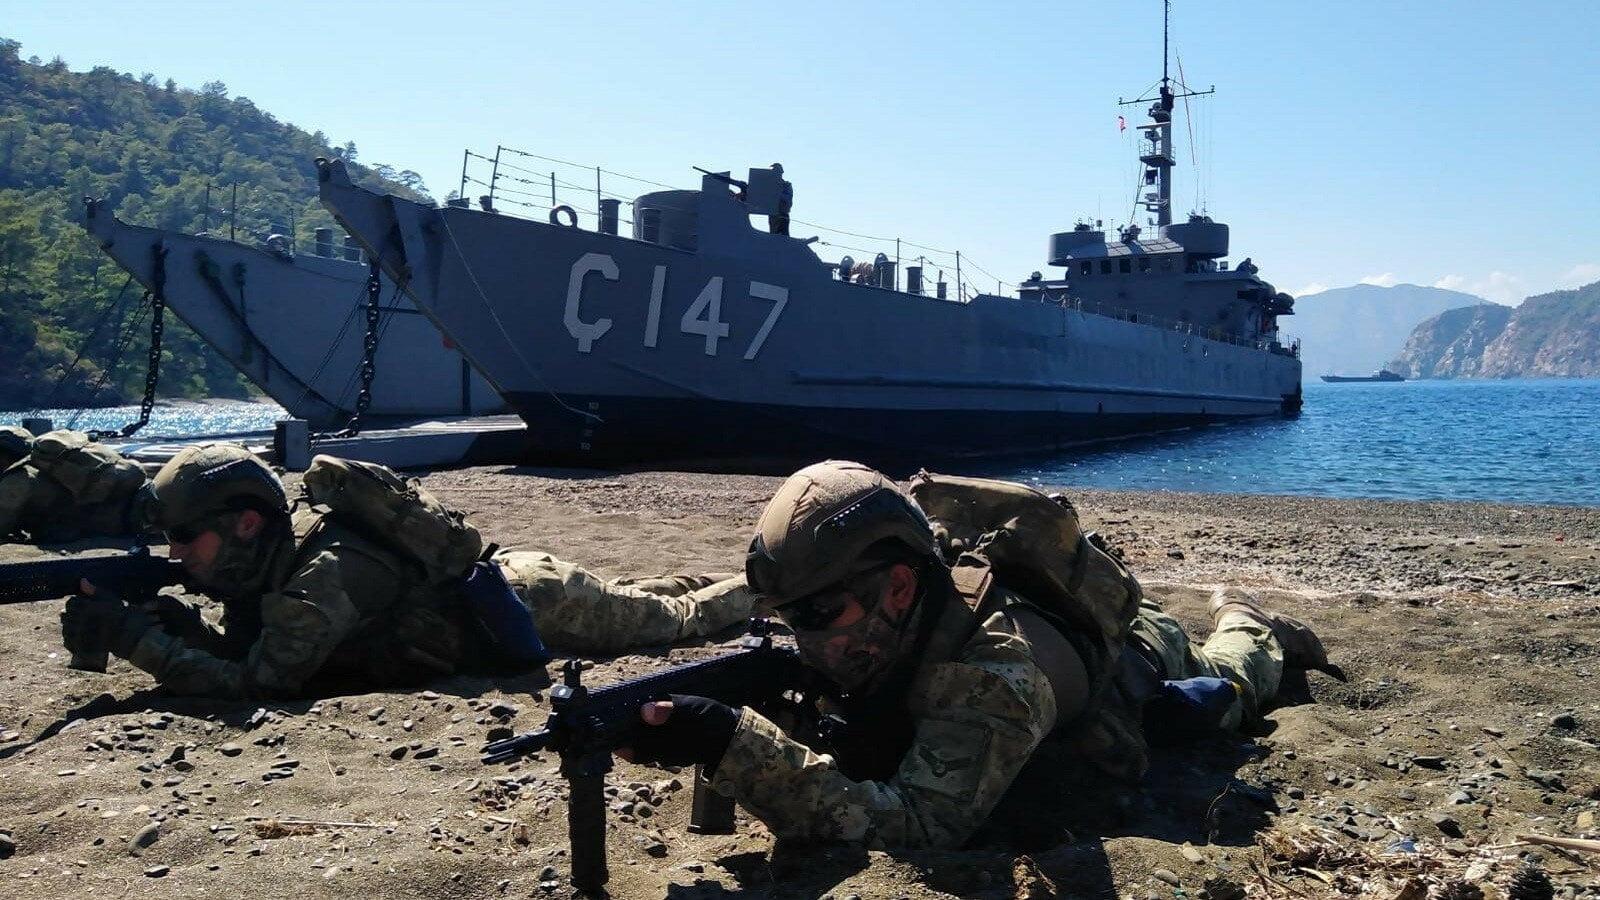 Η Τουρκία πραγματοποίησε Στρατιωτικές Ασκήσεις αποβατικού χαρακτήρα στον κόλπο της Σμύρνης! Προκαλεί φόβο στον εχθρό, λέει η Yeni Safak